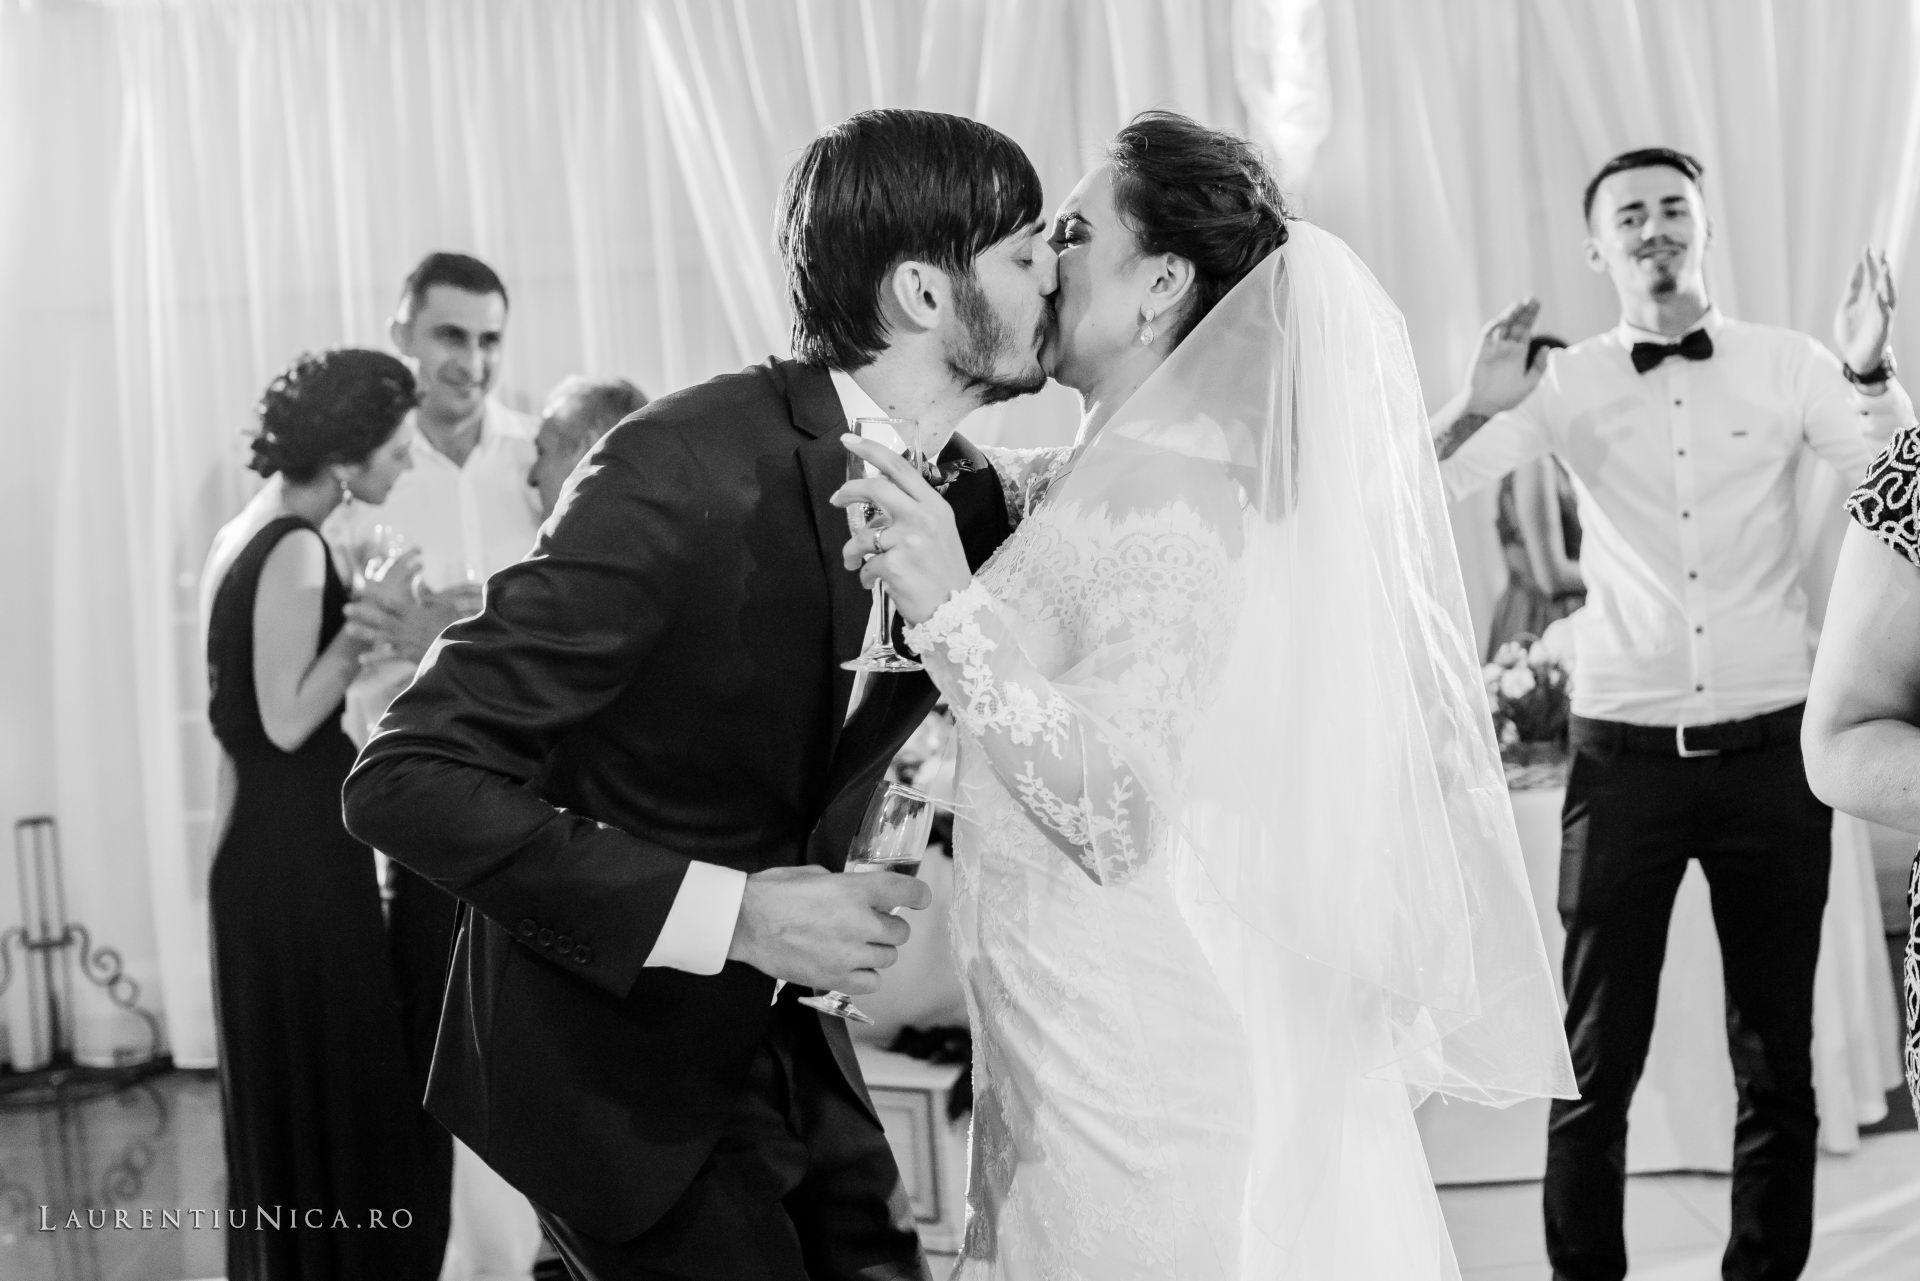 Cristina si Ovidiu nunta Craiova fotograf laurentiu nica 136 - Cristina & Ovidiu | Fotografii nunta | Craiova